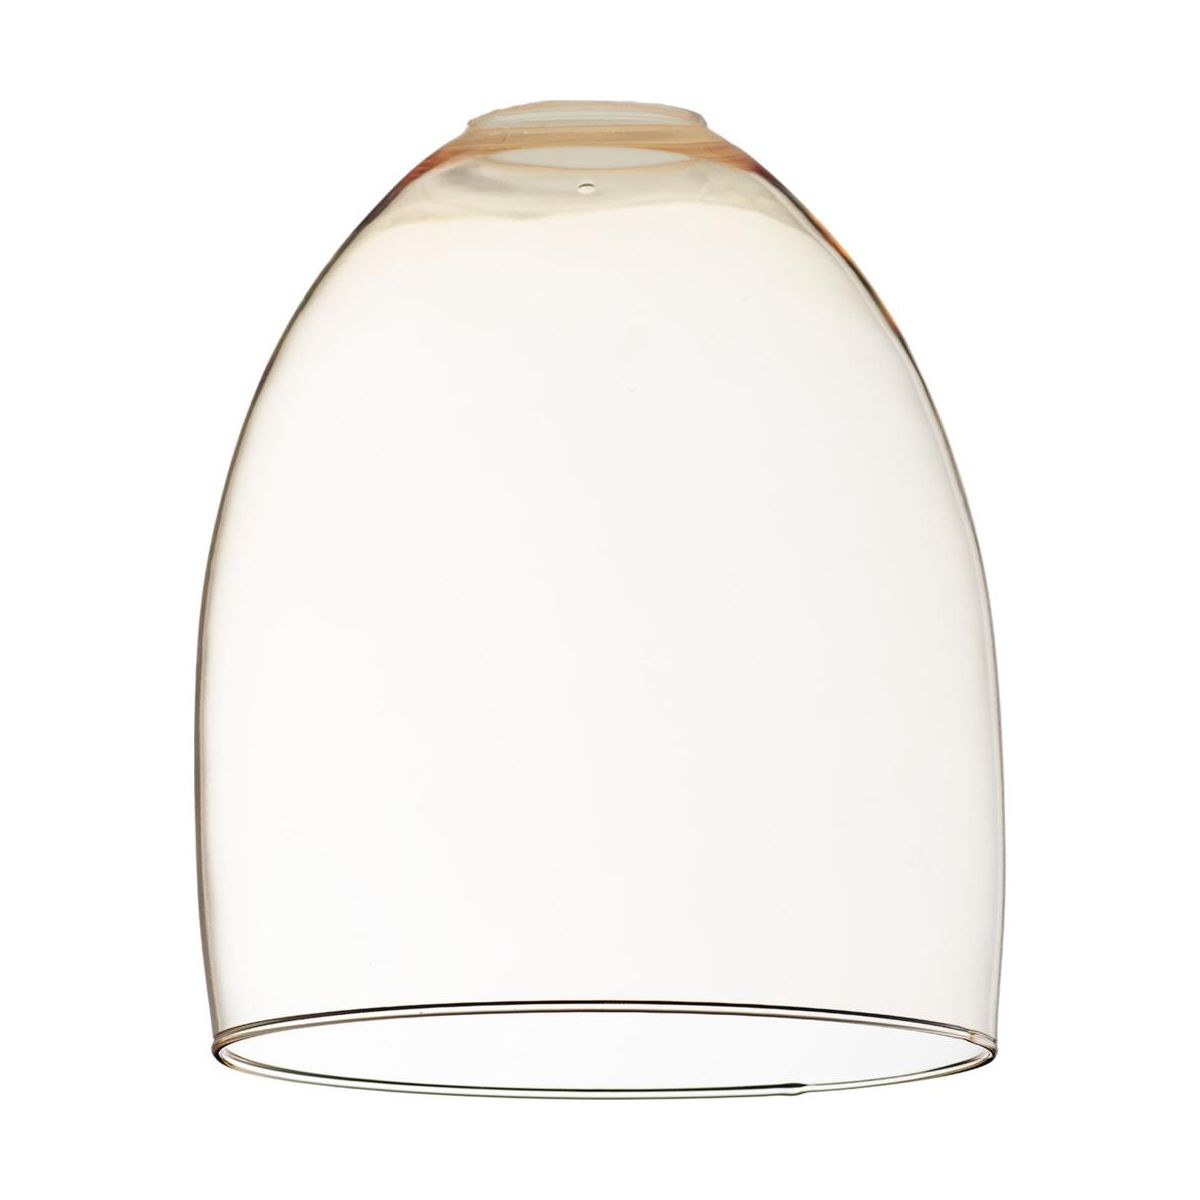 Zapasowy Klosz Do Lampy Roma 7367 Bursztyn Tk Lighting Klosze W Atrakcyjnej Cenie W Sklepach Leroy Merlin